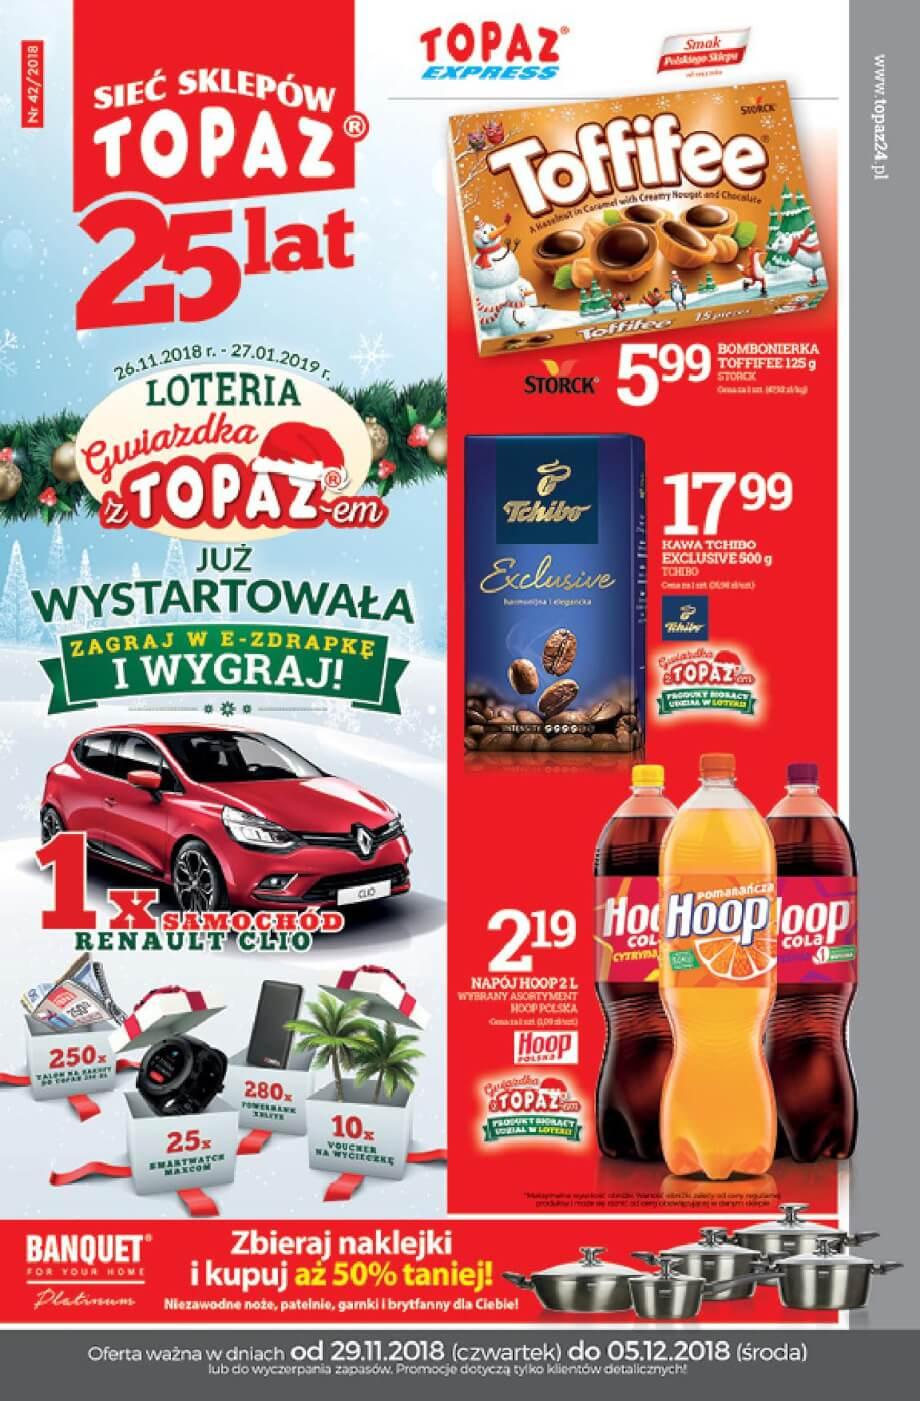 Topaz, gazetka do 05.12.2018